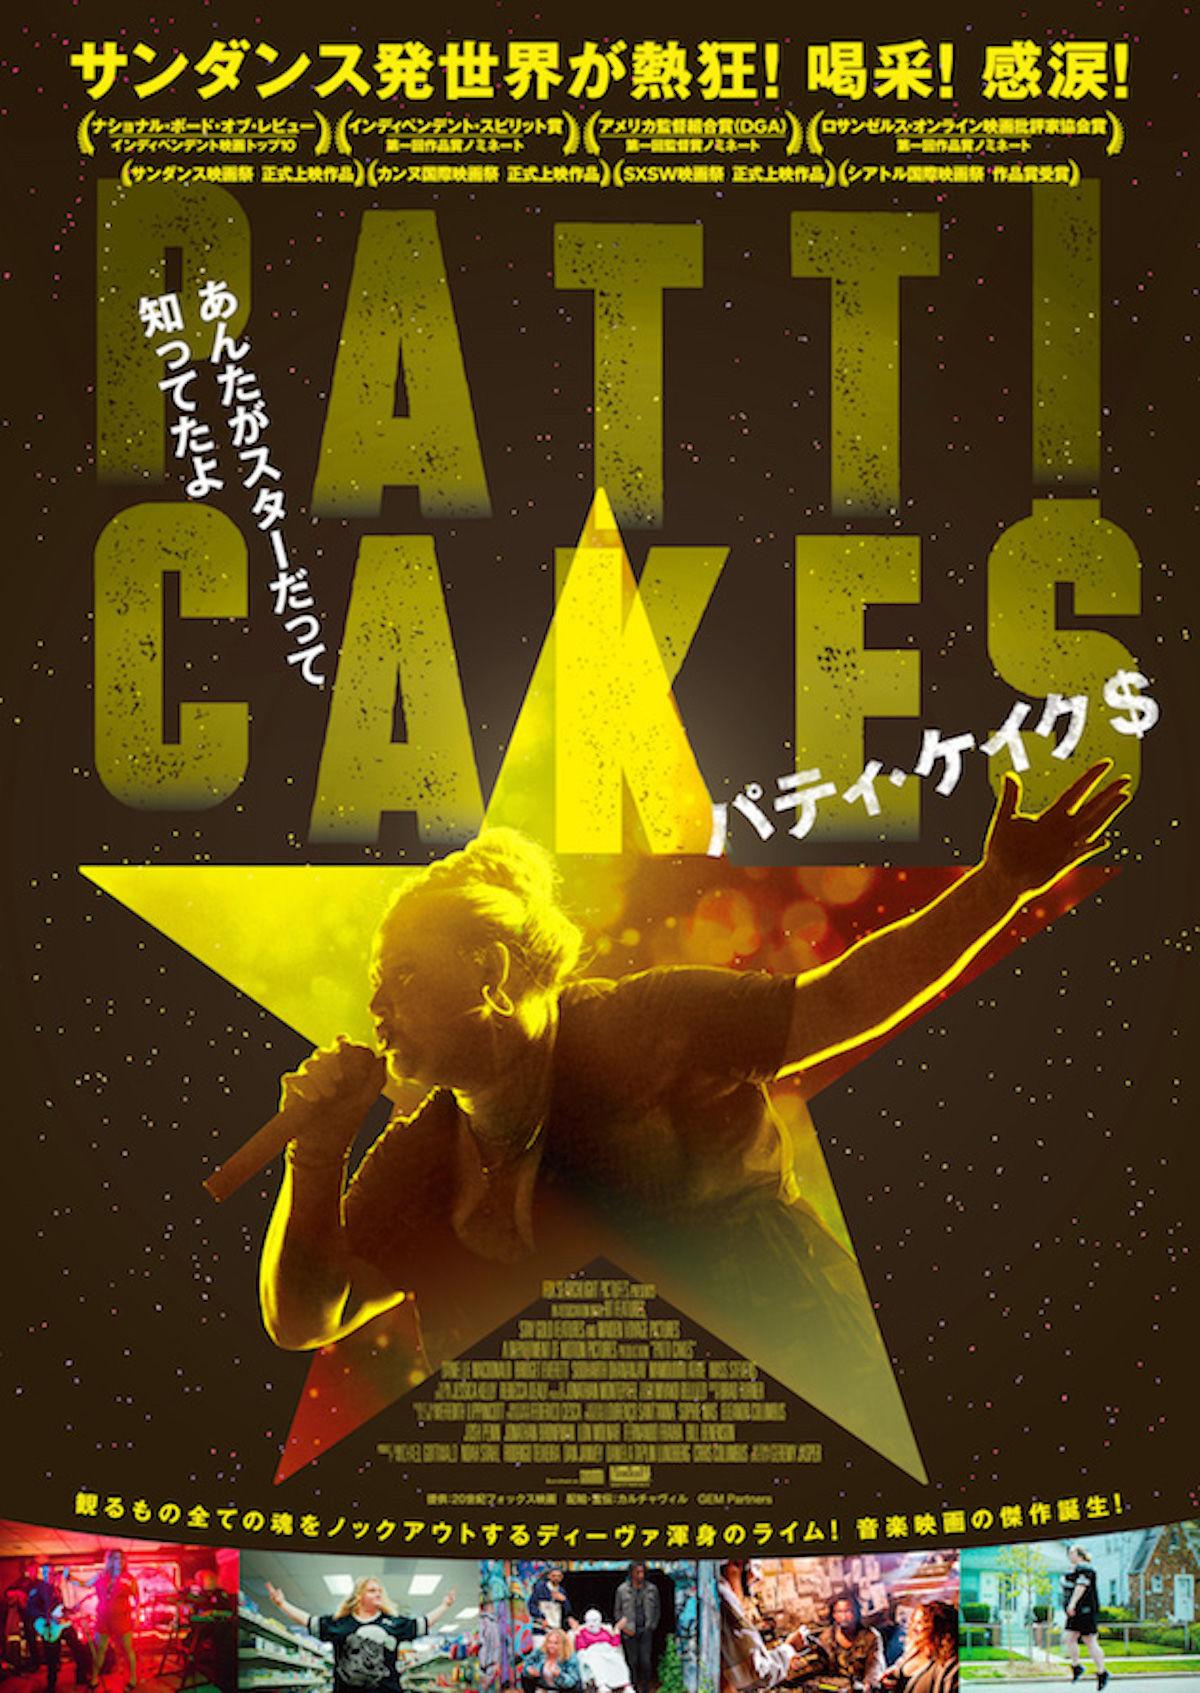 ヒップホップ関係者からも絶賛の映画『パティ・ケイク$』場面写真が公開! film180223_patticakes_pos-1200x1693